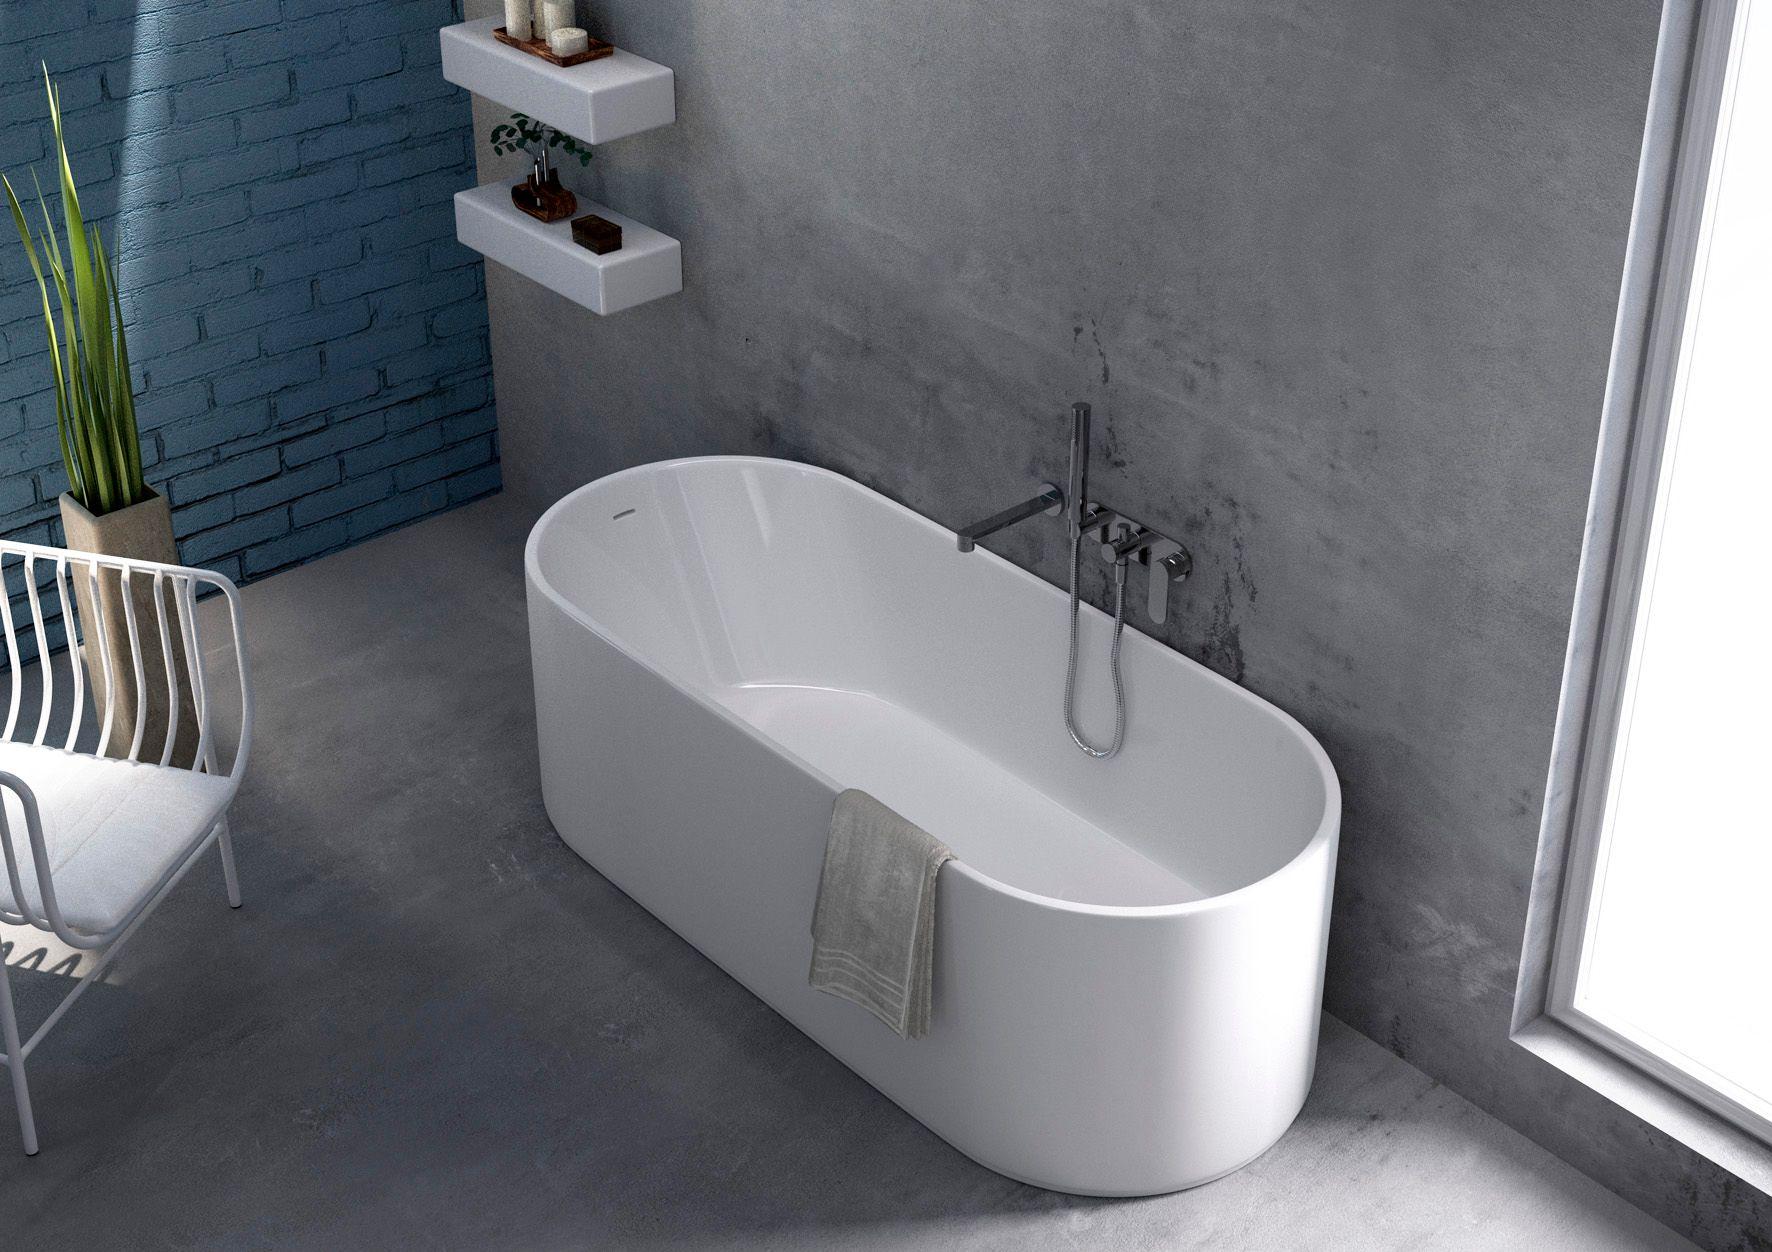 Flaminia rubinetto fold monoforo lavabo - Vasca da bagno classica prezzi ...